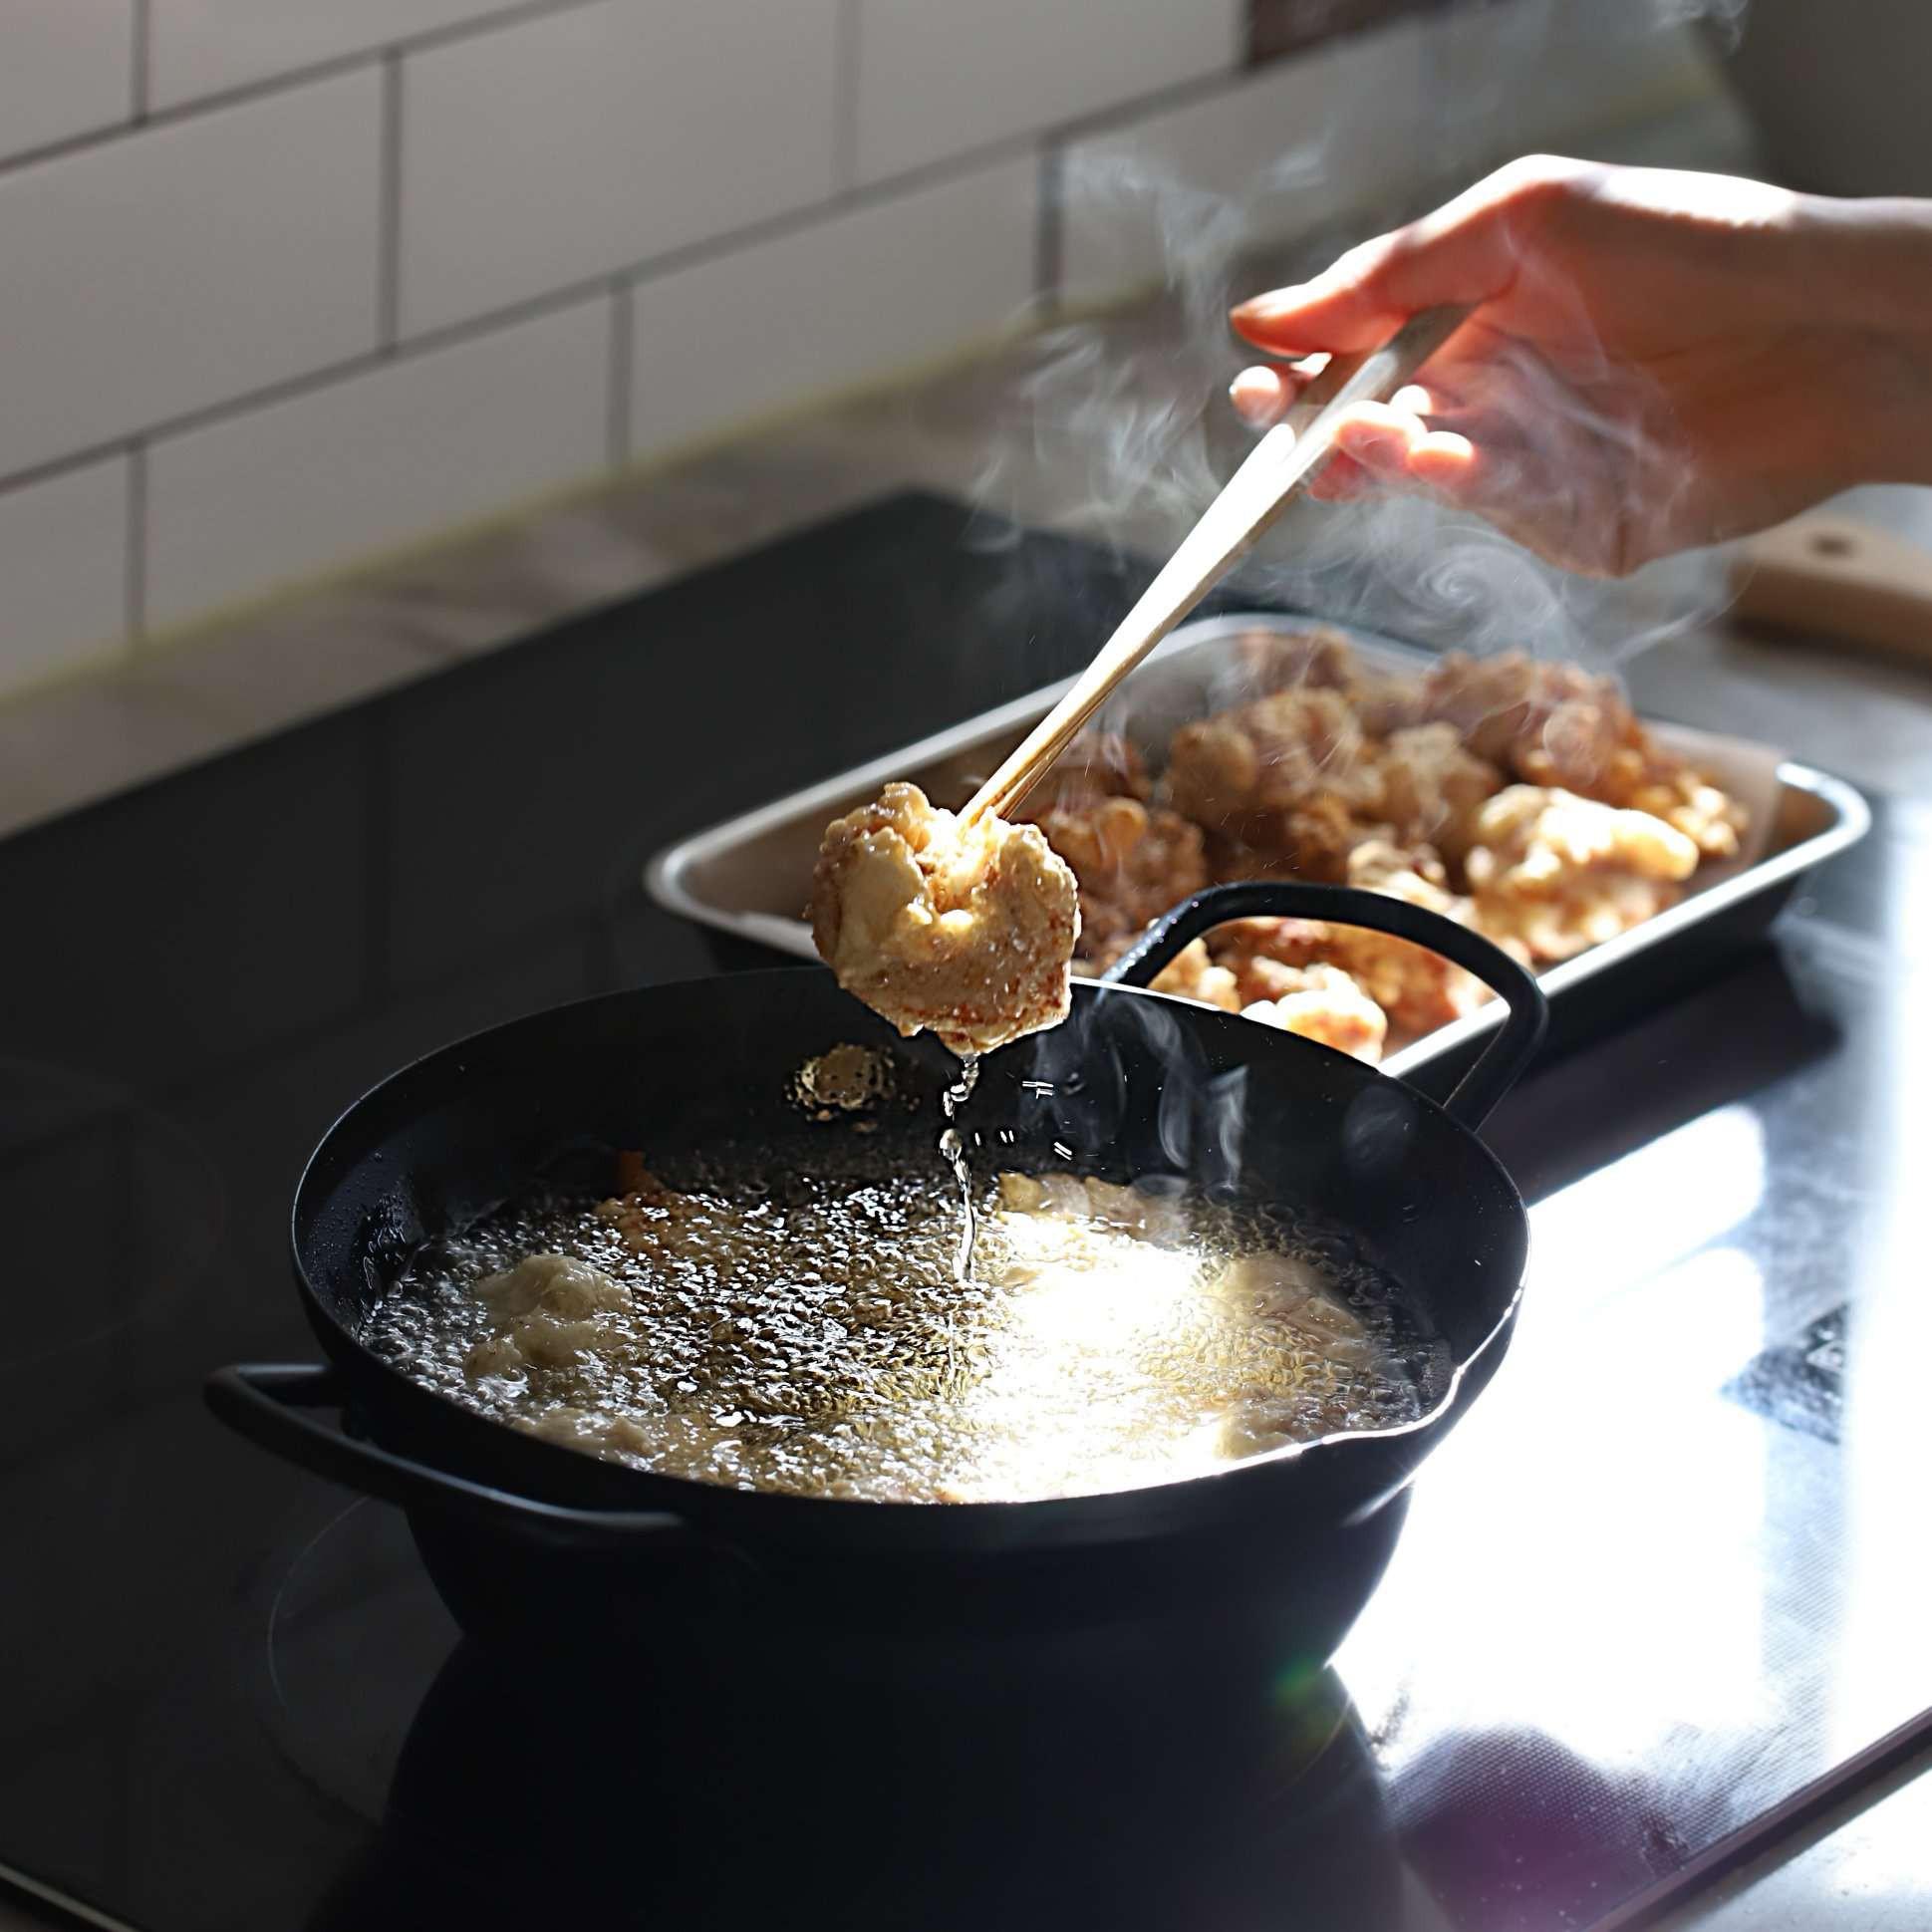 Không phải mất tiền khi đi ăn gà chiên nước tương kiểu Hàn bên ngoài nữa vì công thức cực chuẩn đây rồi! - Ảnh 4